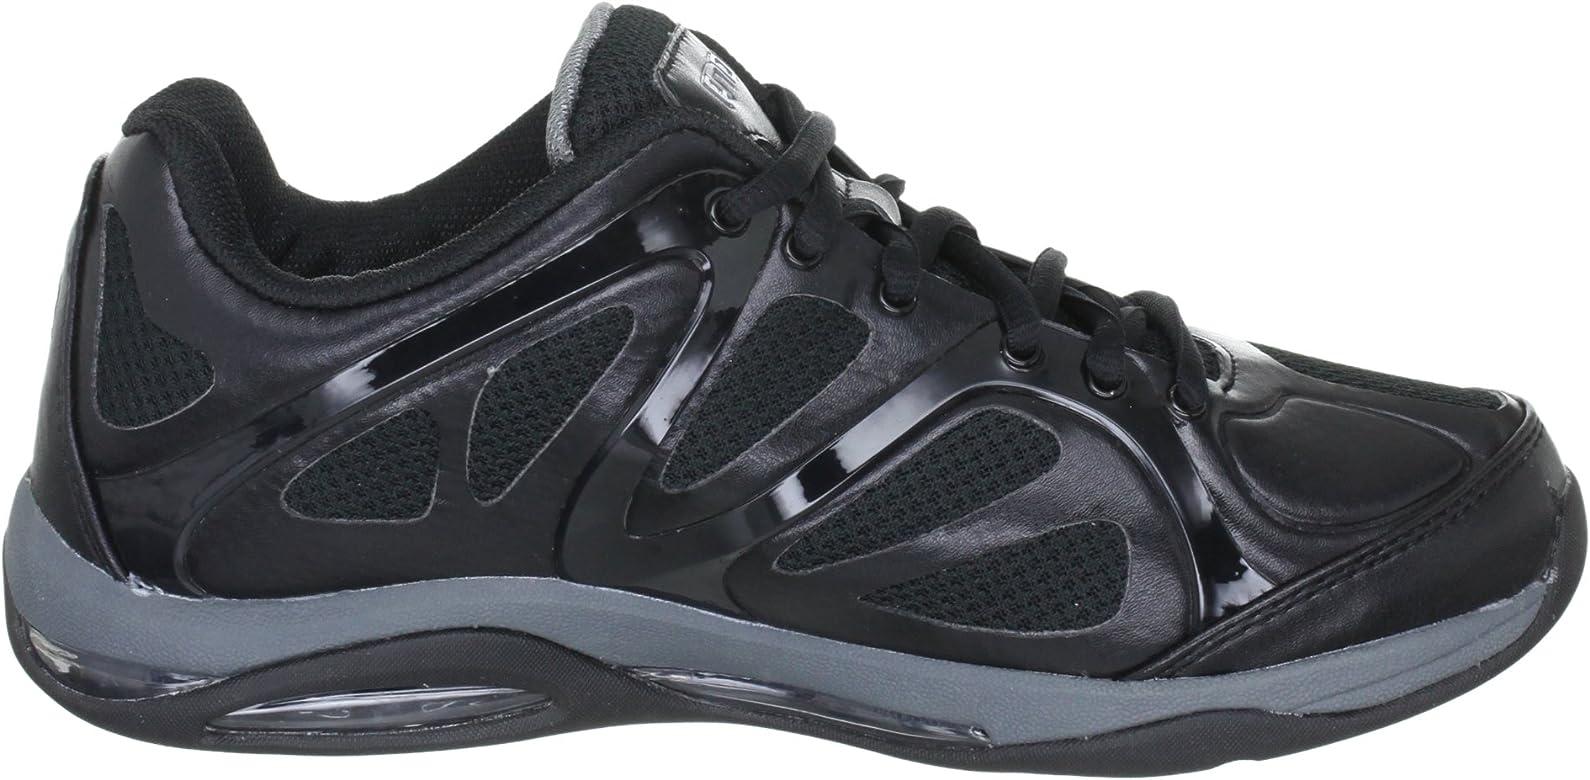 Zapatillas de Baloncesto Unisex AND1 ME8-EMPIRE Mid